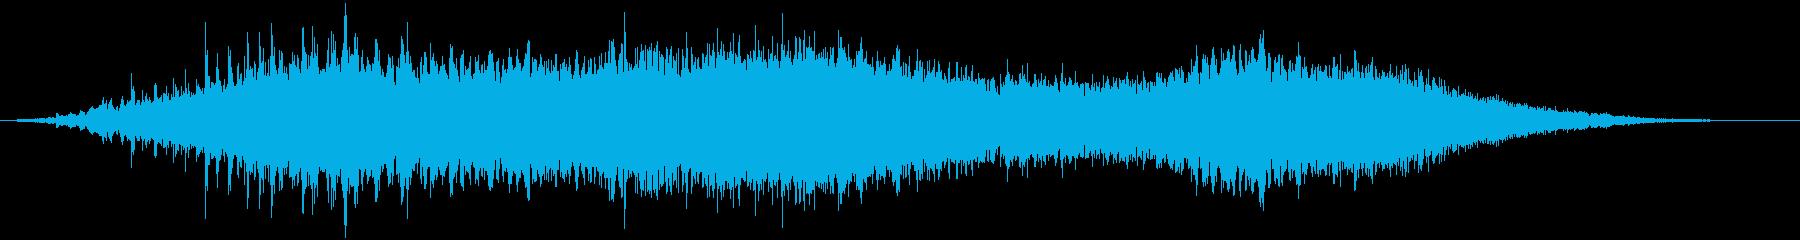 【ホラー】ダークなタイトルロゴ_02の再生済みの波形